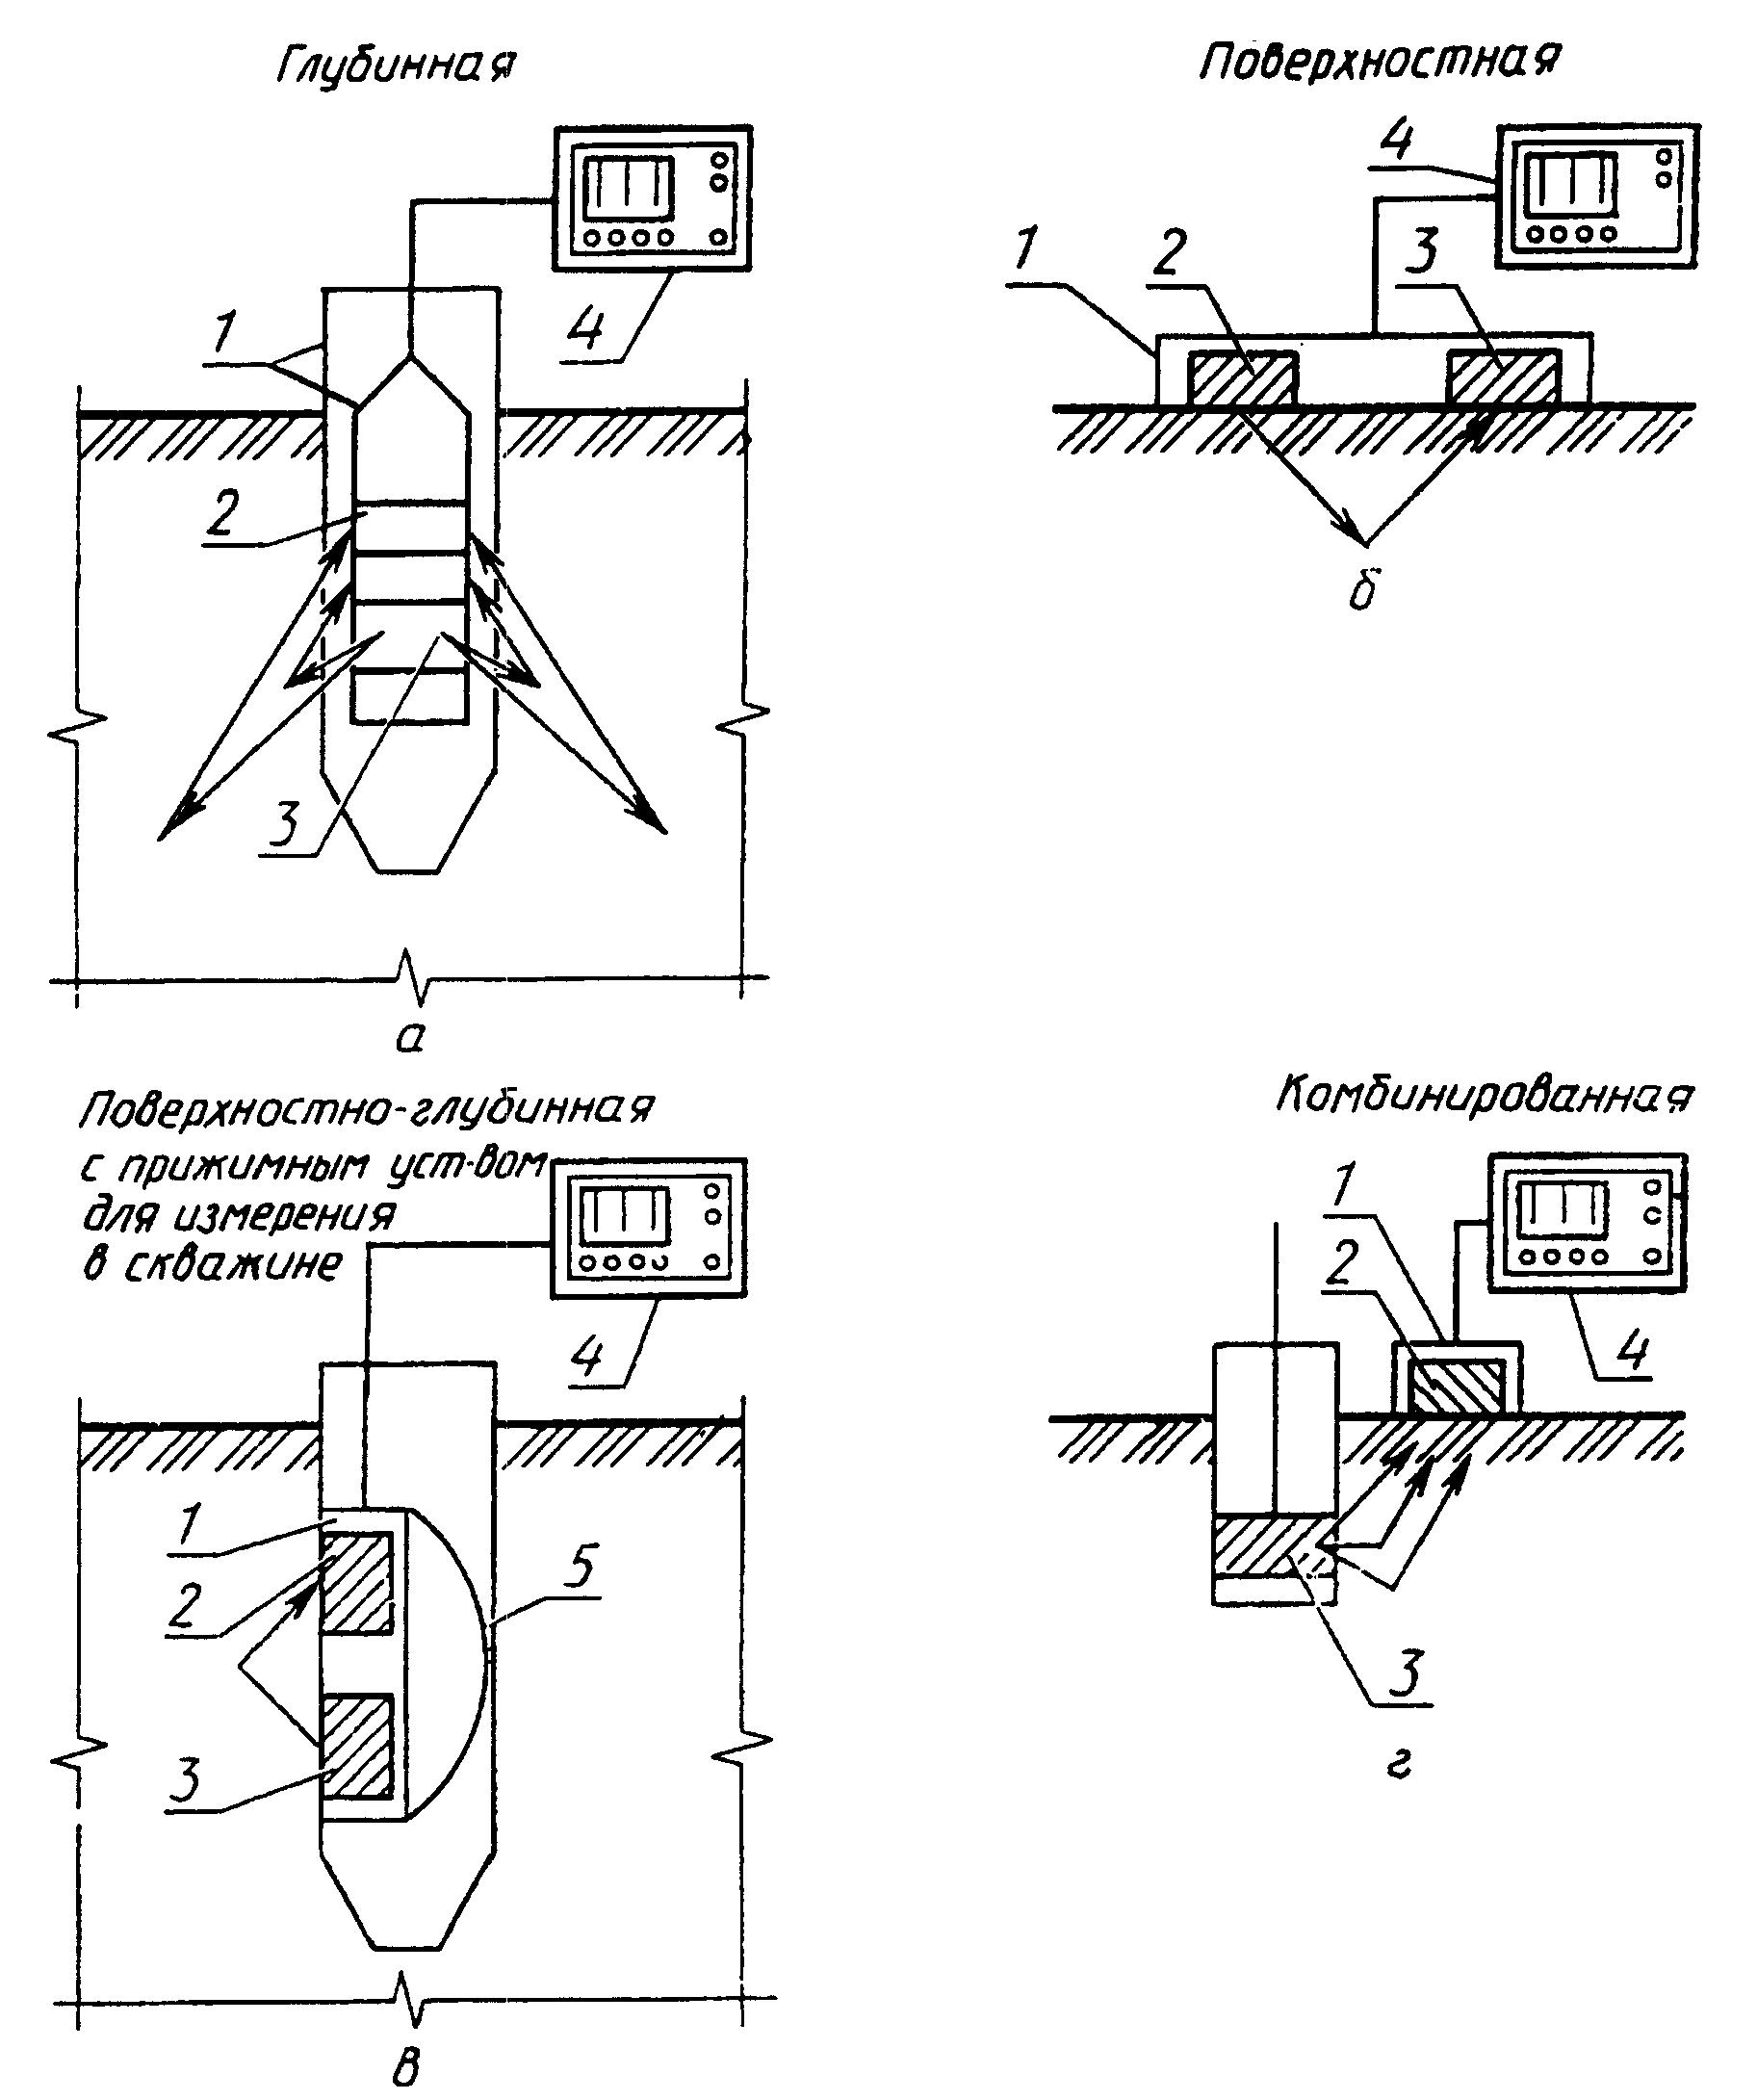 5 - прижимное устройство. измерительный преобразователь помещают на поверхности грунта, а источник нейтронов в грунте...